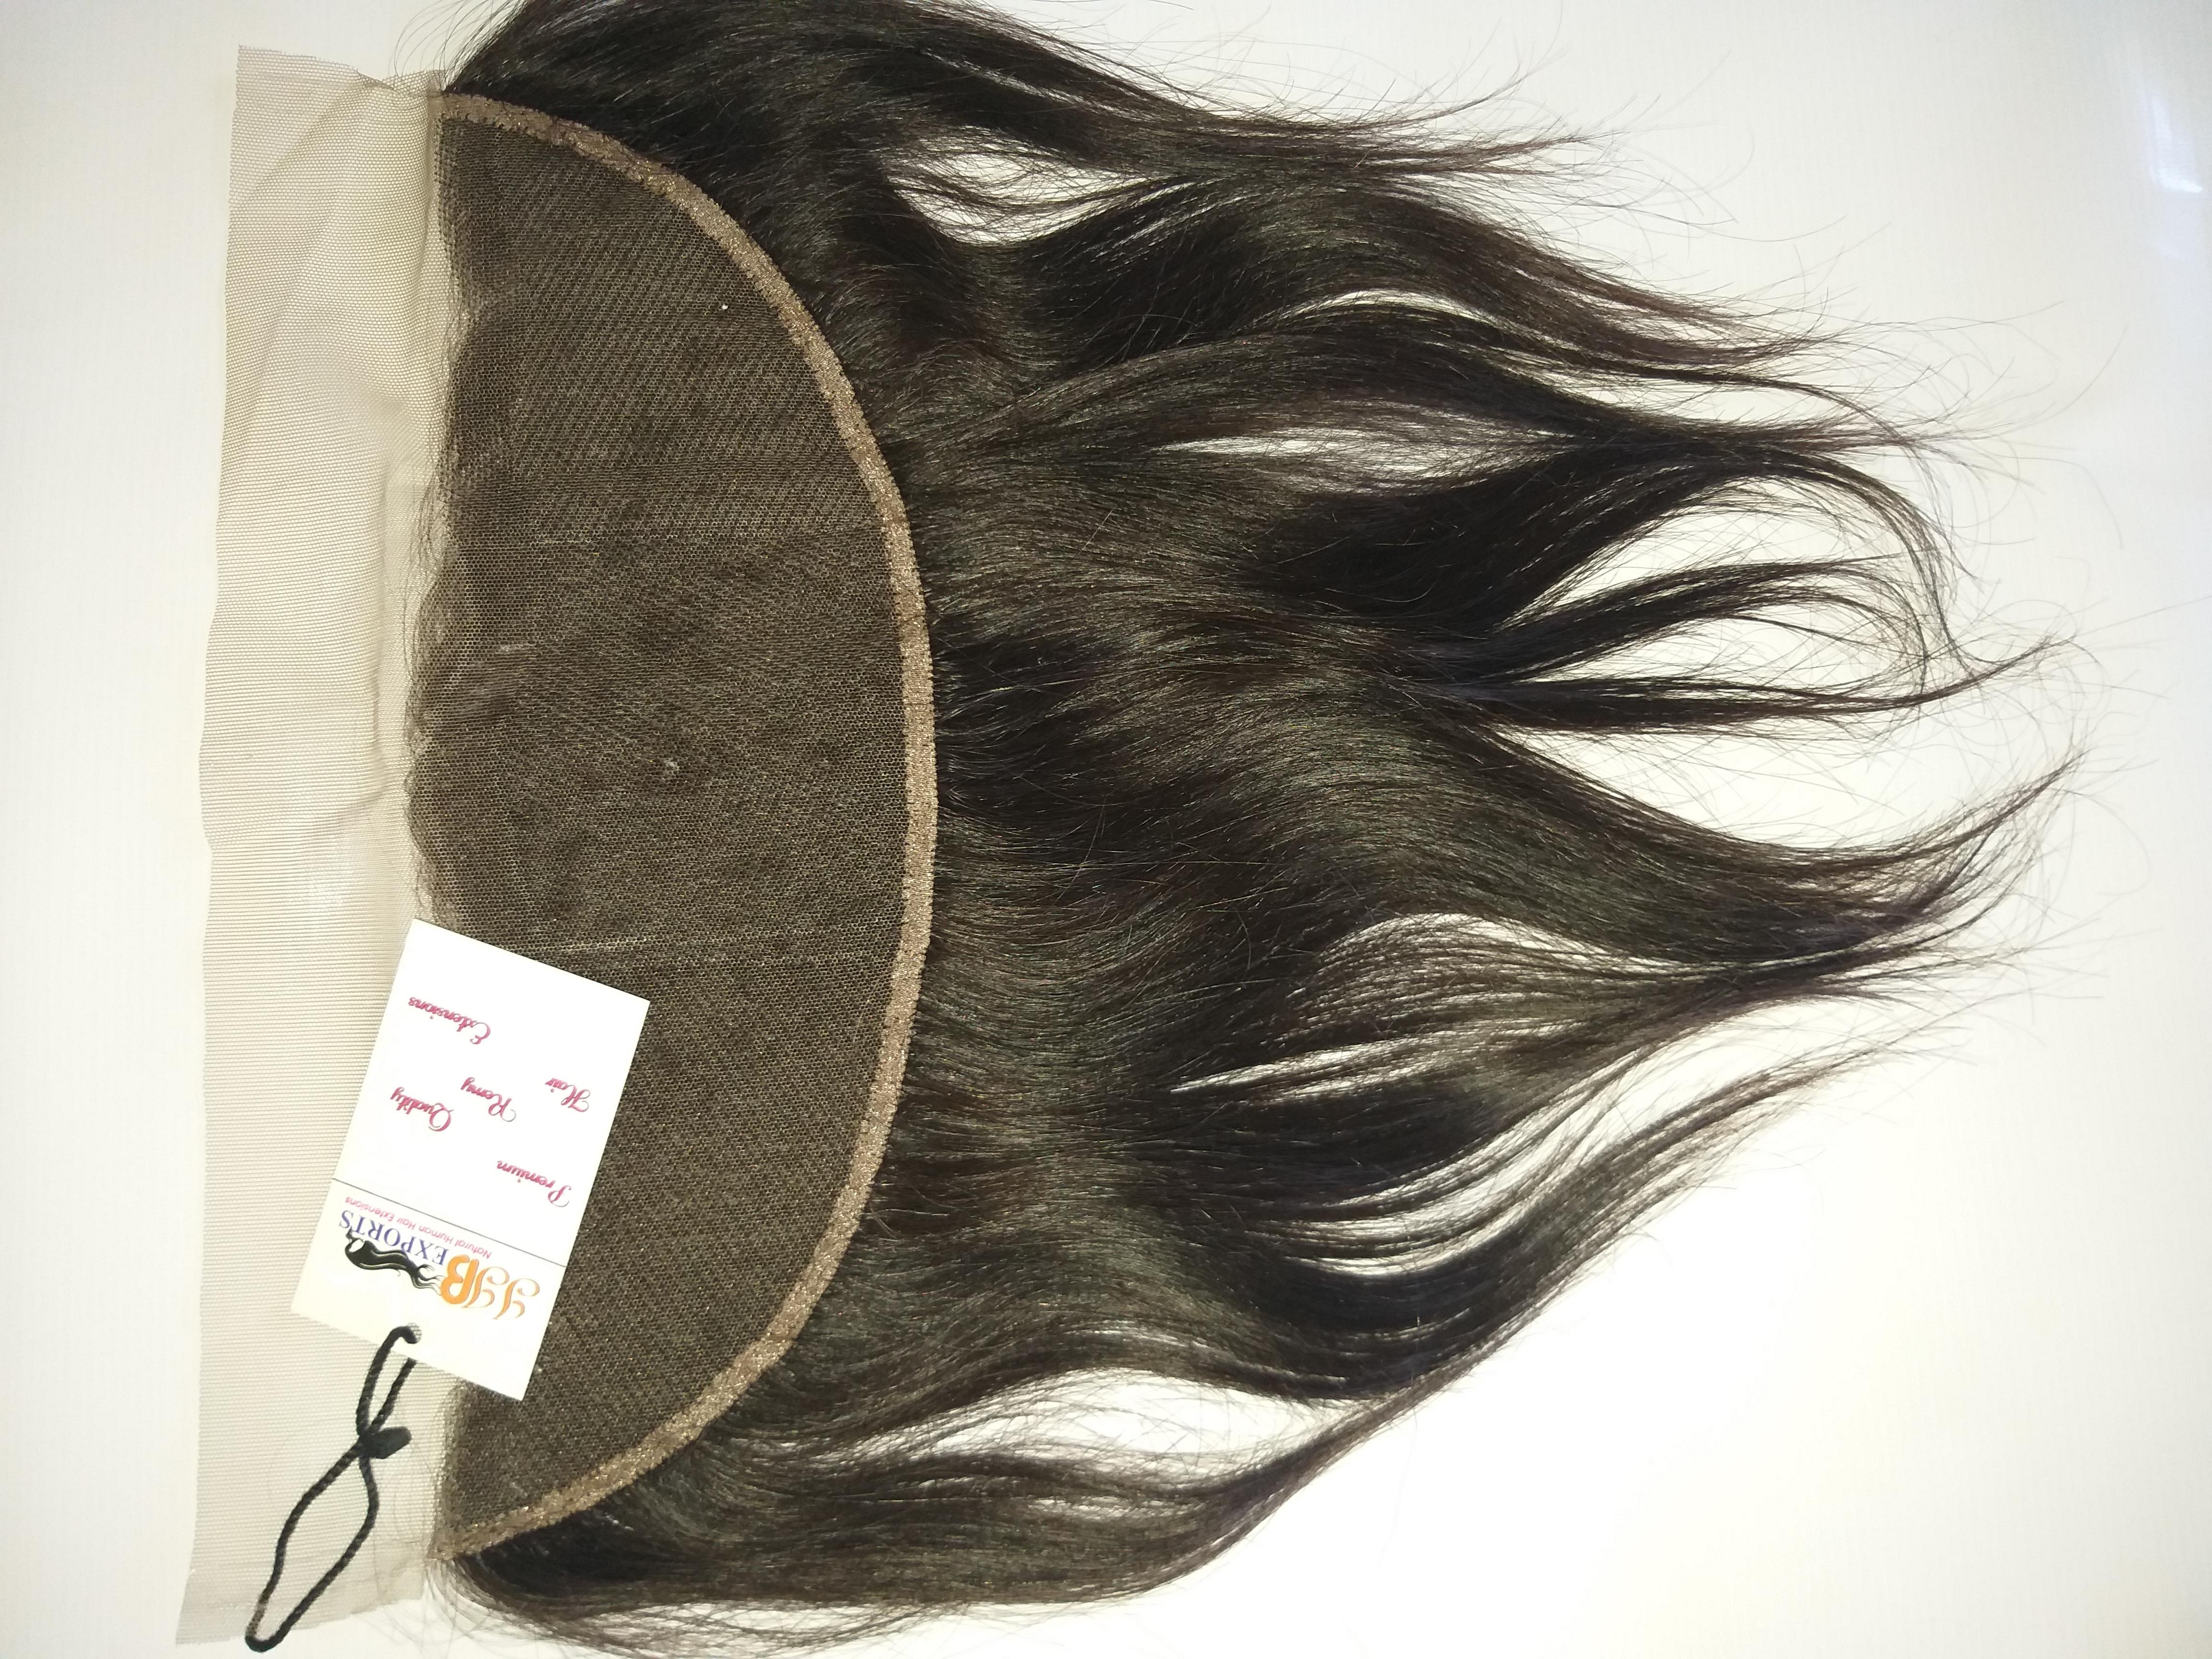 Natural Raw Unprocessed Virgin 13x4 13x5 13x6 4x4 Hd Swiss Lace Closure Human Hair